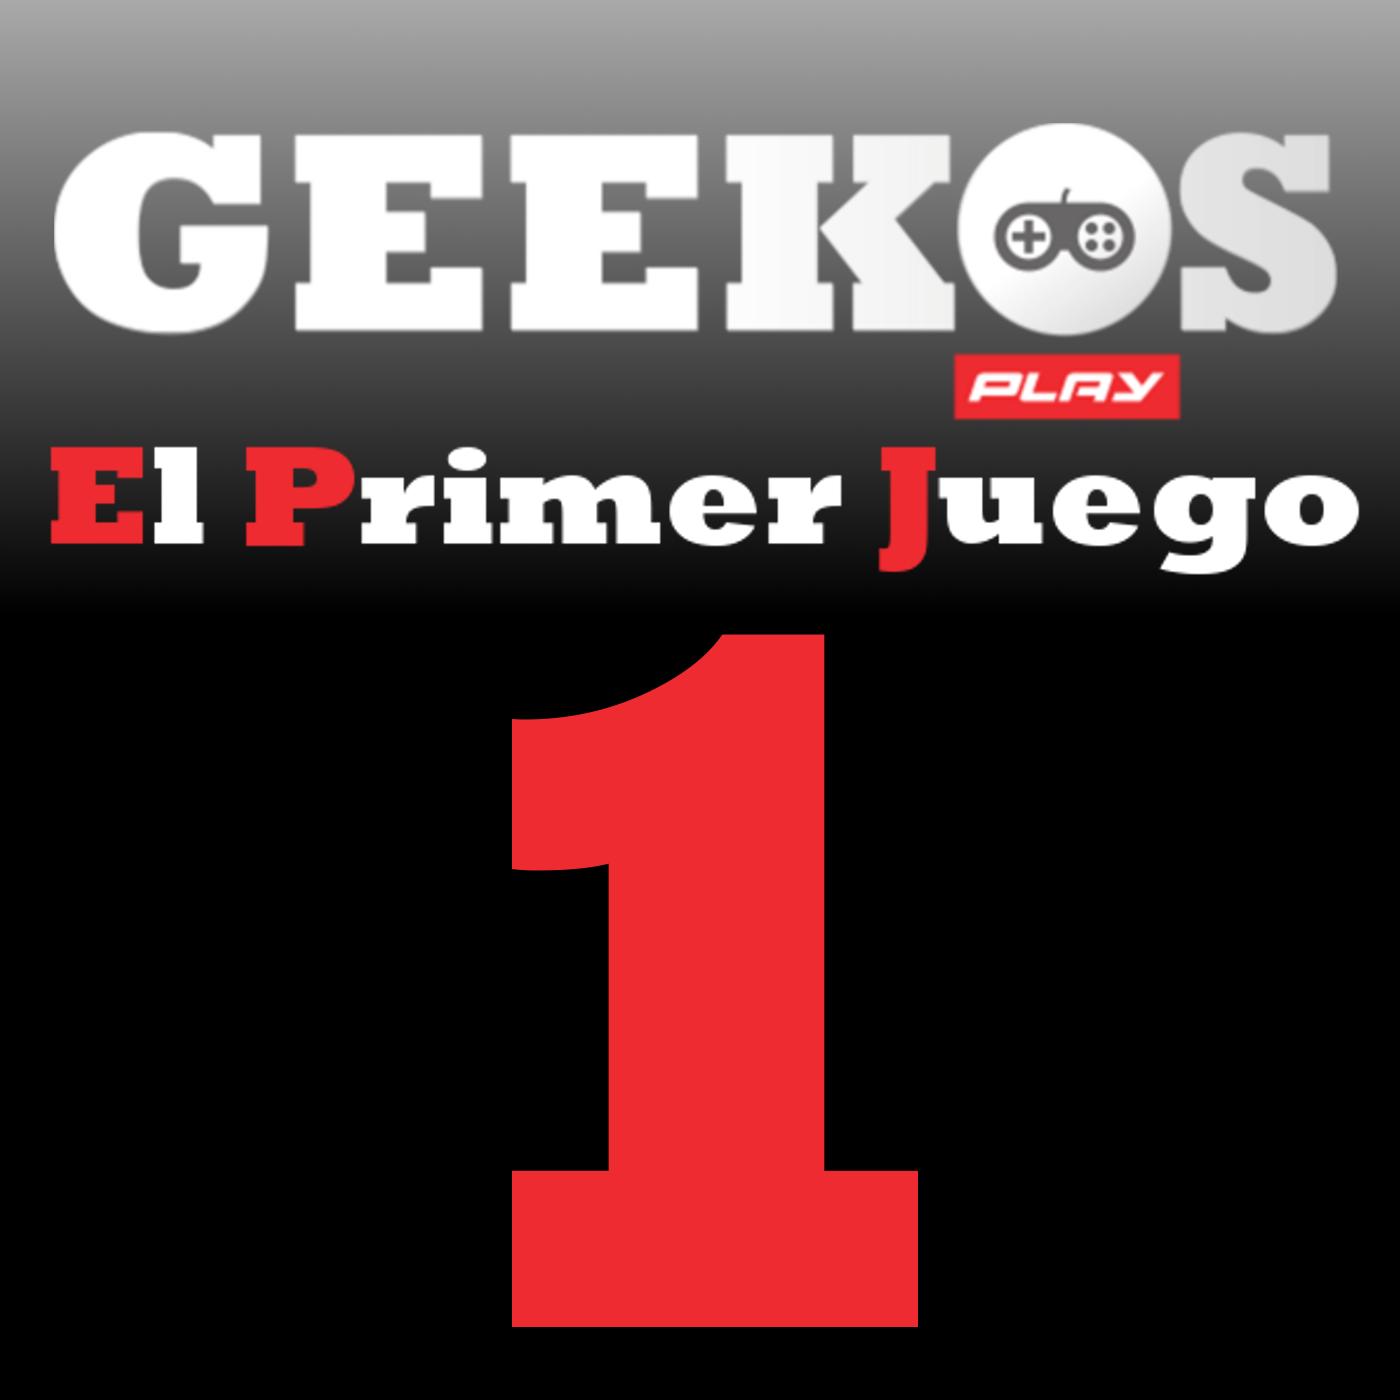 Geekos Play » El Primer Juego